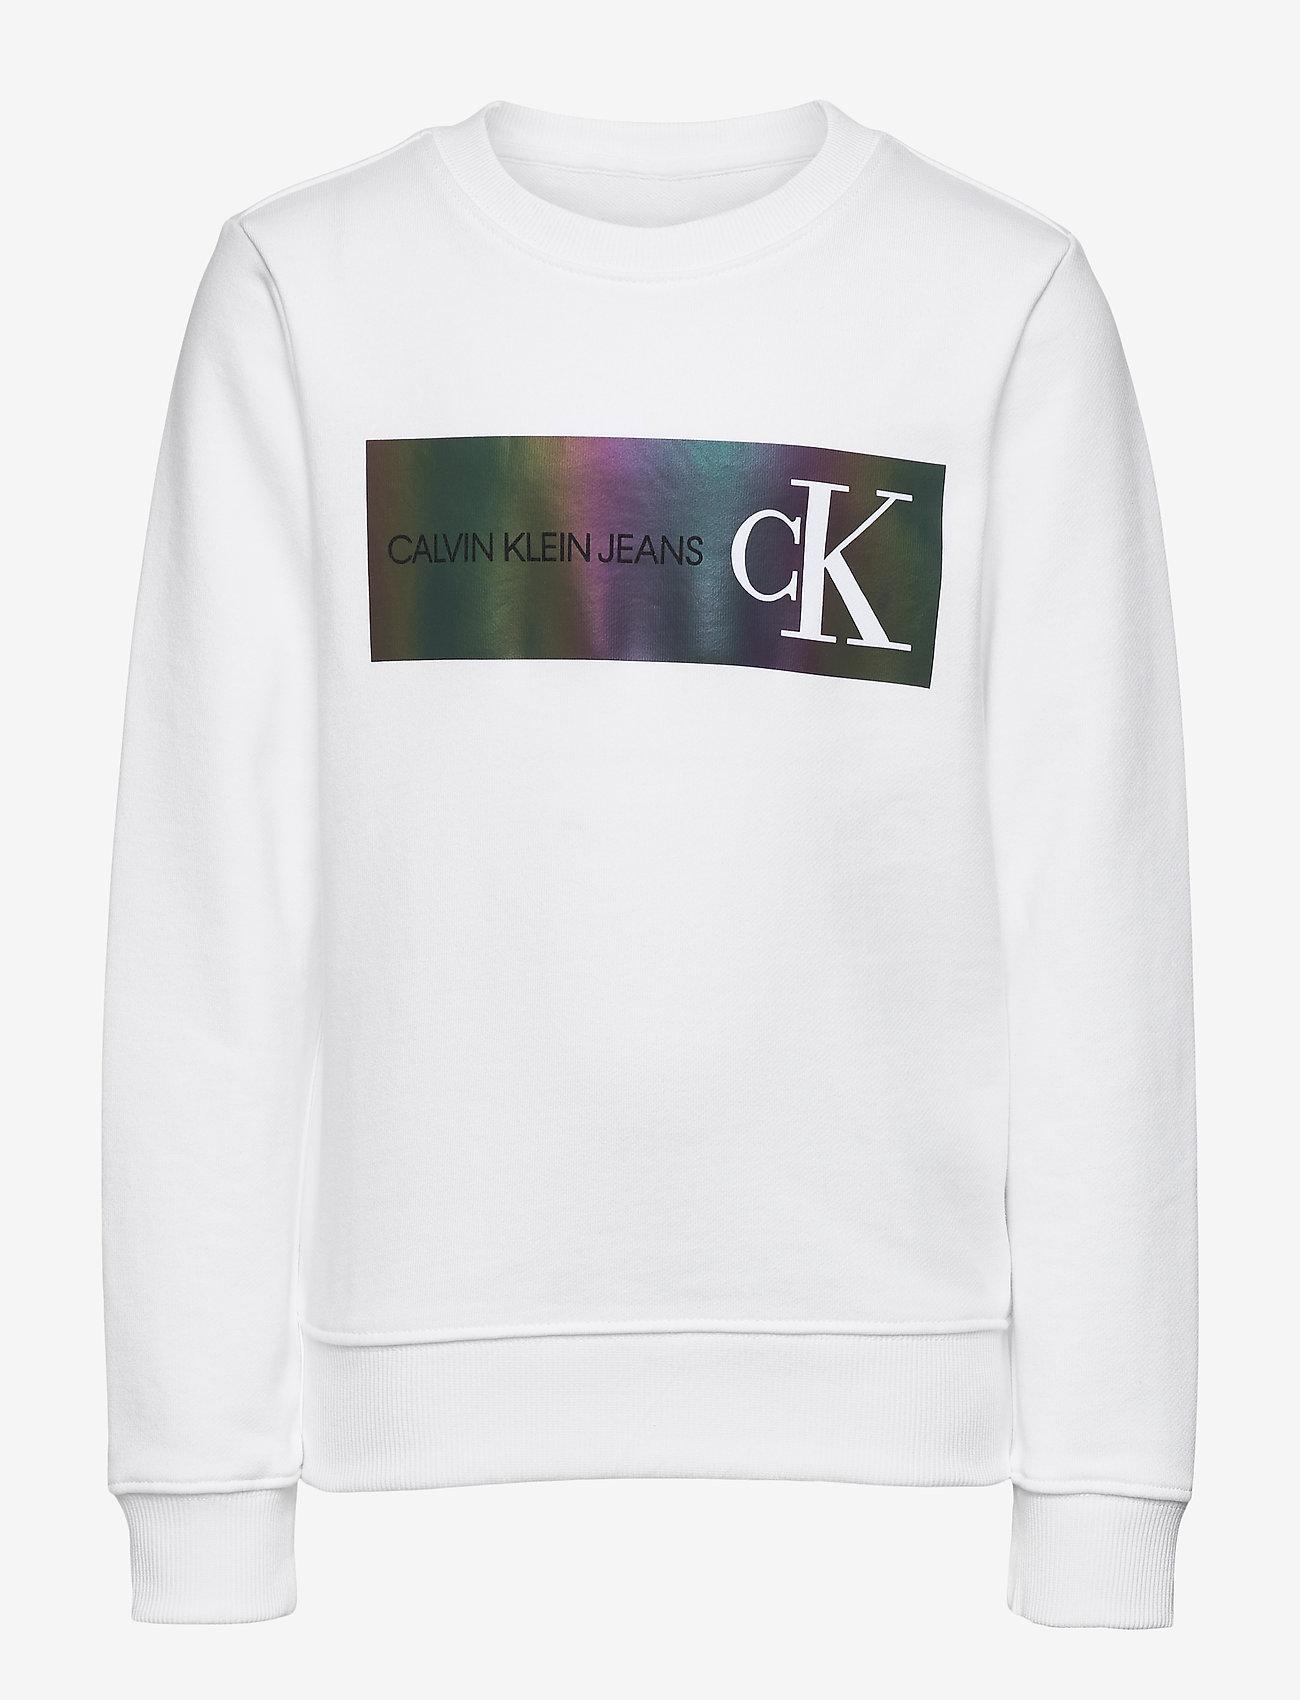 Calvin Klein - REFLECTIVE LOGO SWEATSHIRT - sweatshirts - bright white - 0